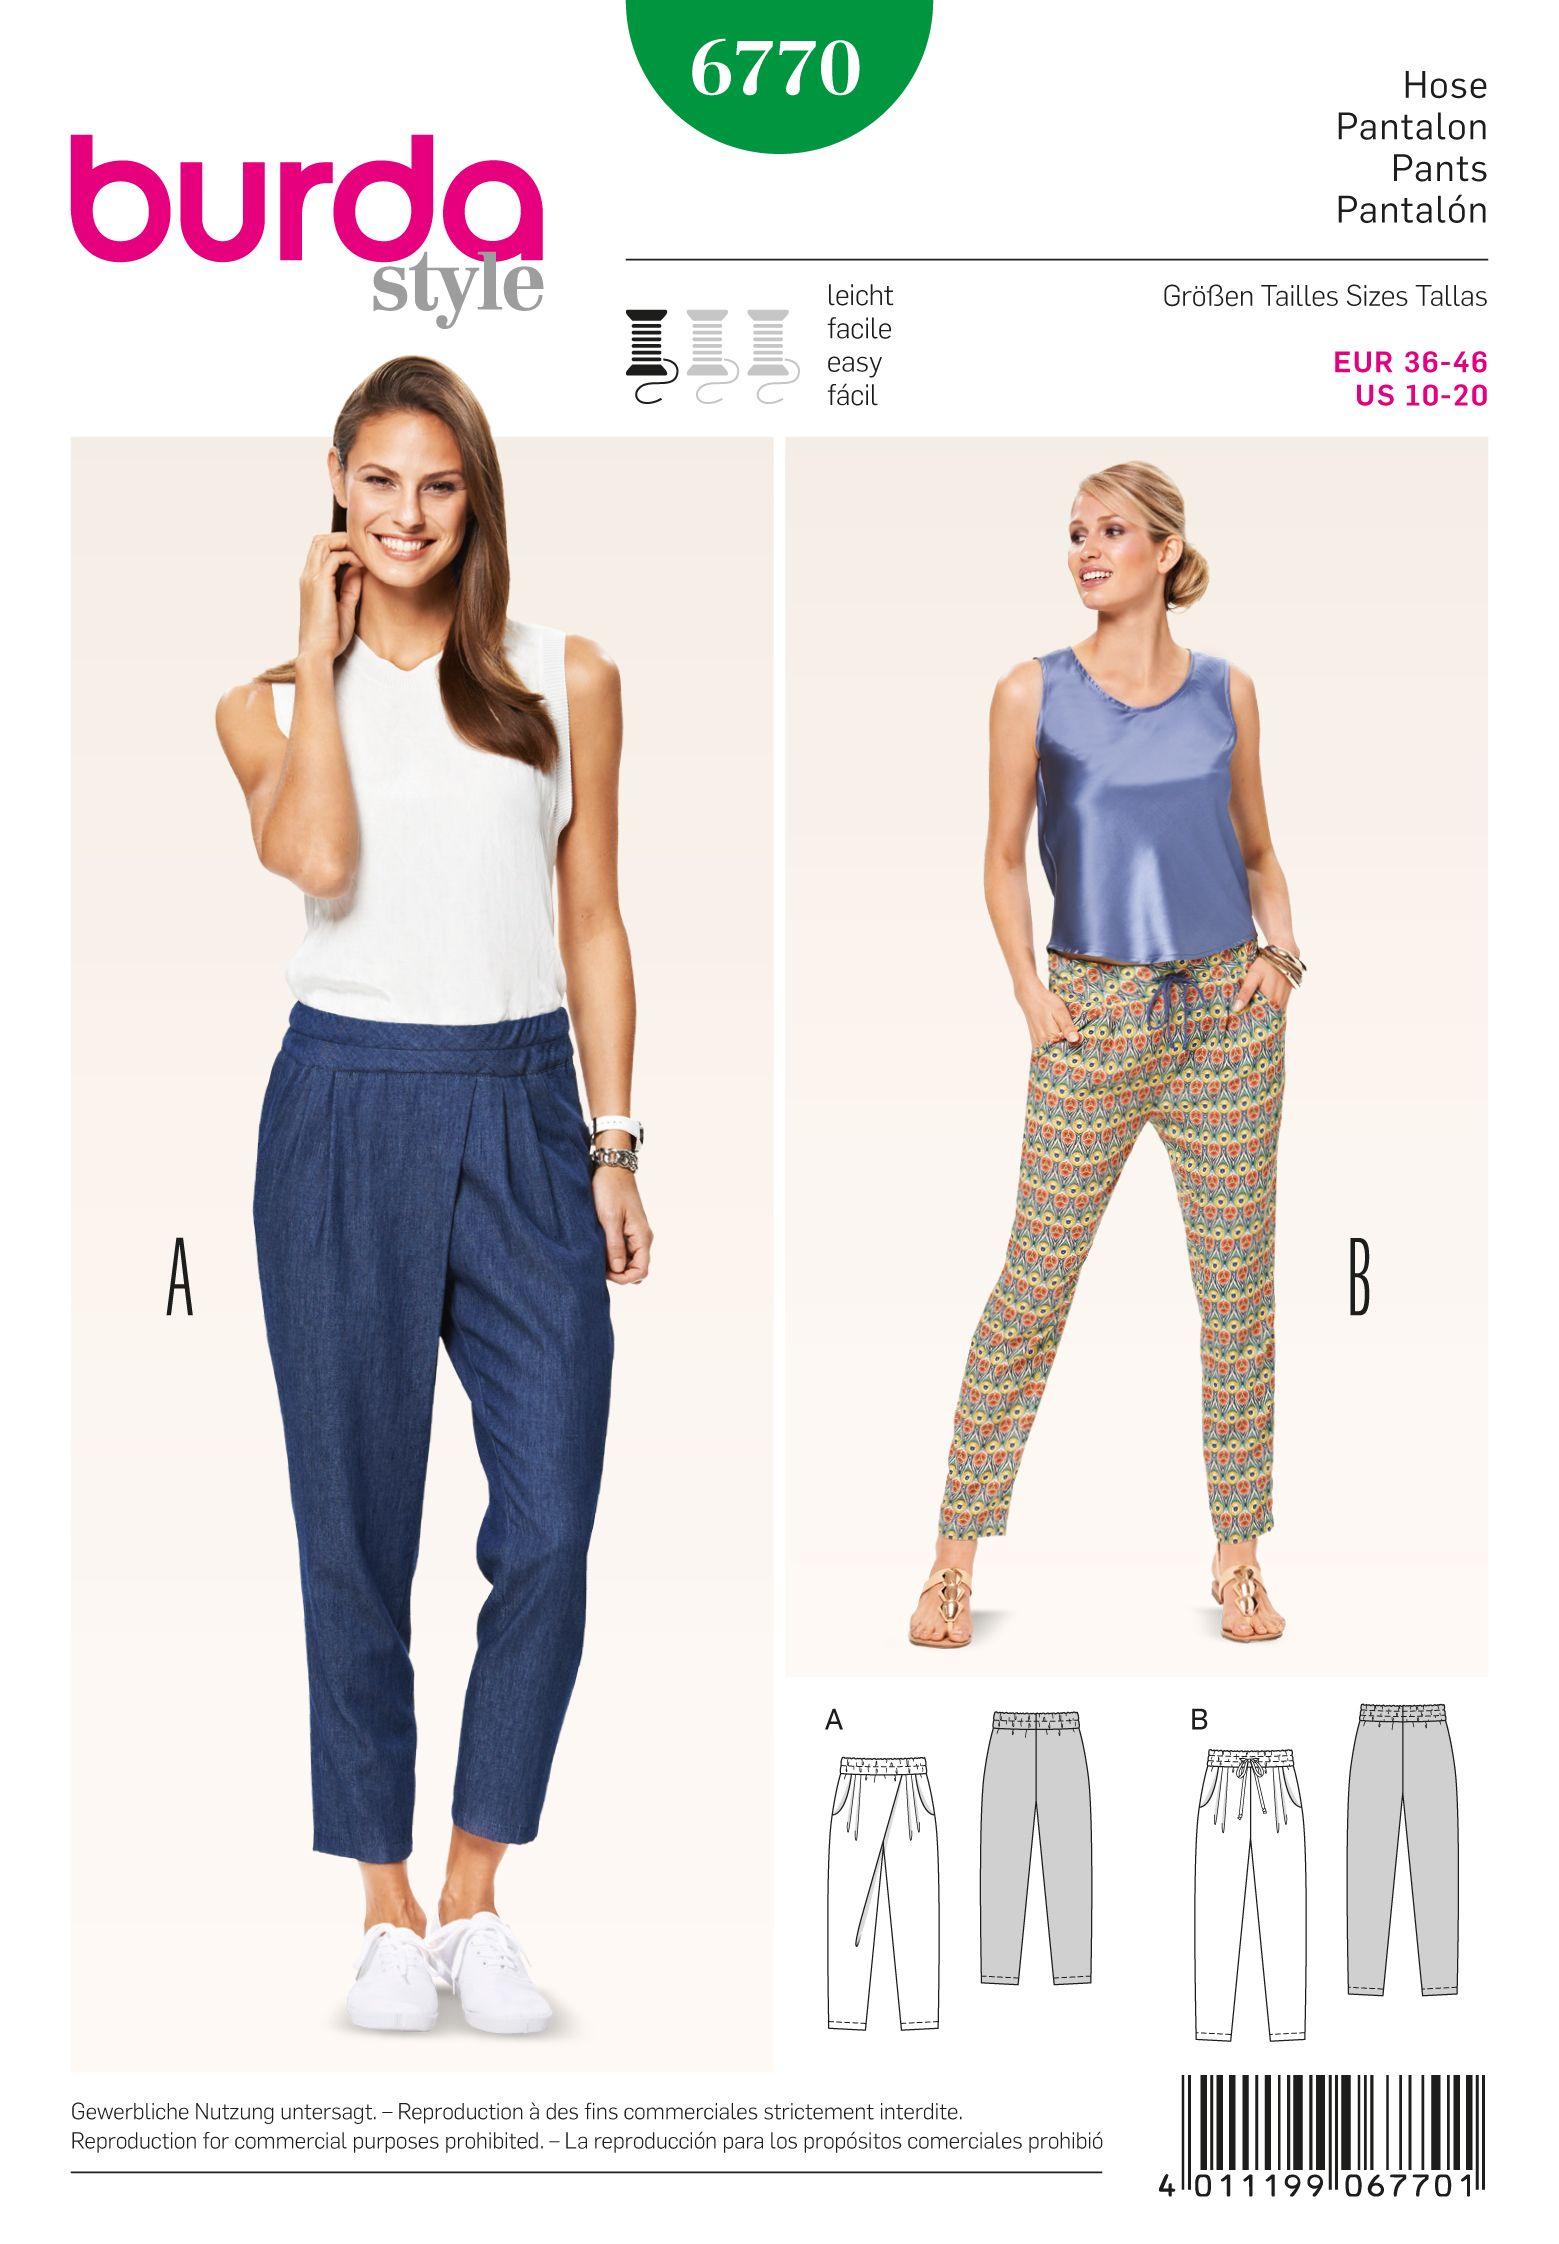 Burda 6770 Burda Style Pants, Jumpsuits | Girls, Kleidung und Nähen